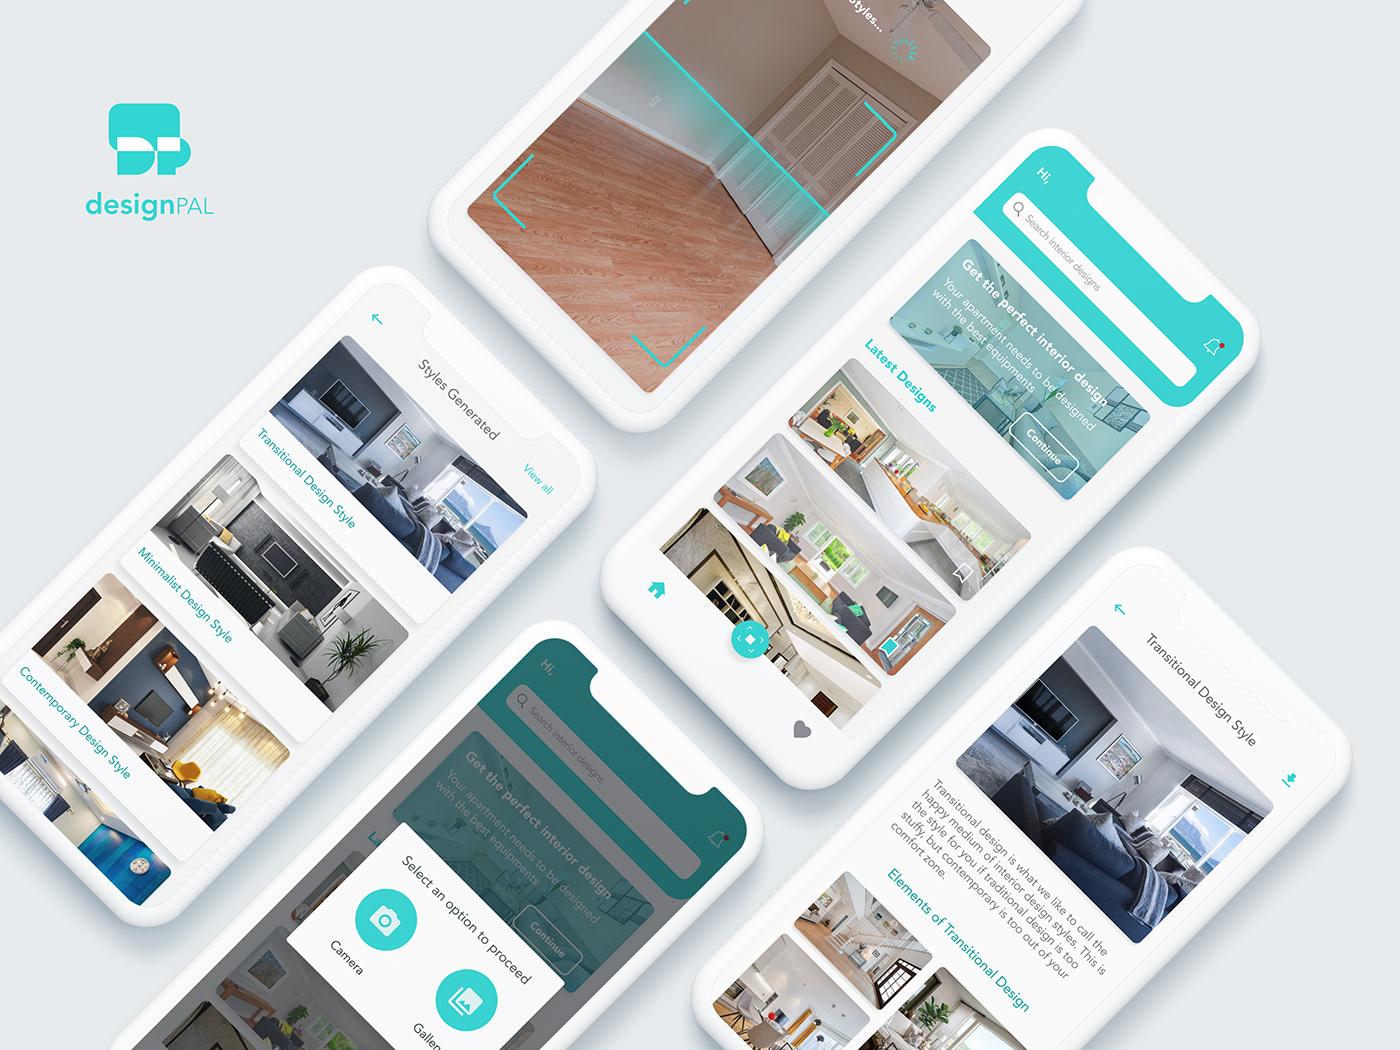 AR Design Interaction design  interior design  interior design app product design  ui design UX design